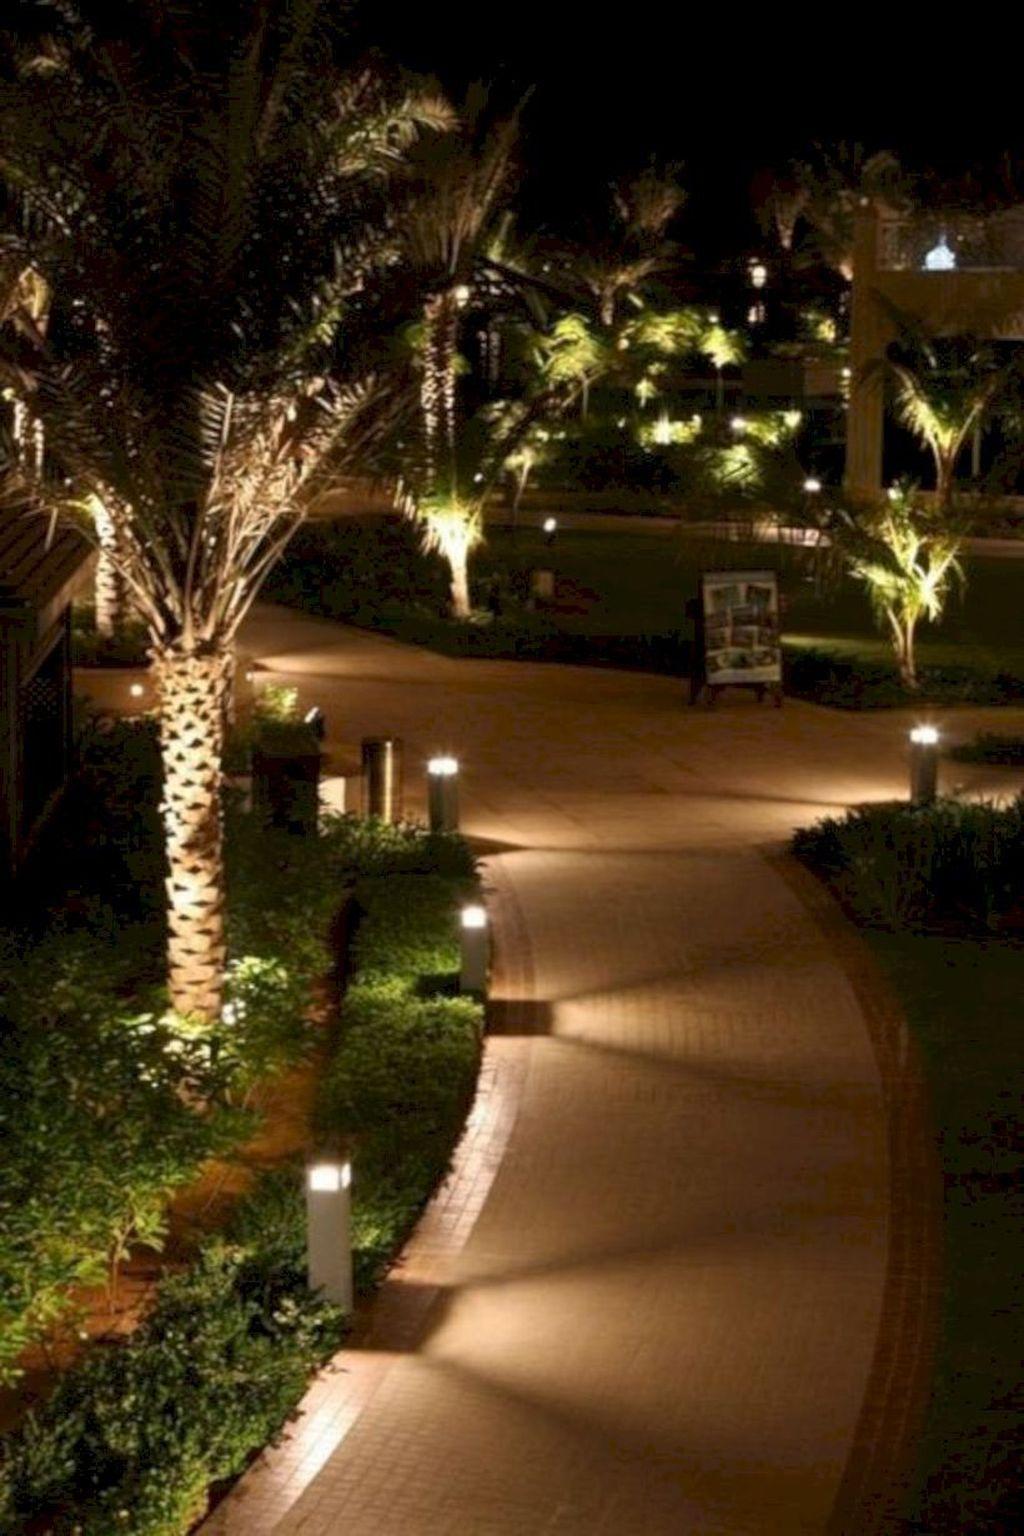 30 Marvelous Garden Lighting Design Ideas In 2020 Landscape Lighting Ideas Front Yards Garden Lighting Design Landscape Lighting Design